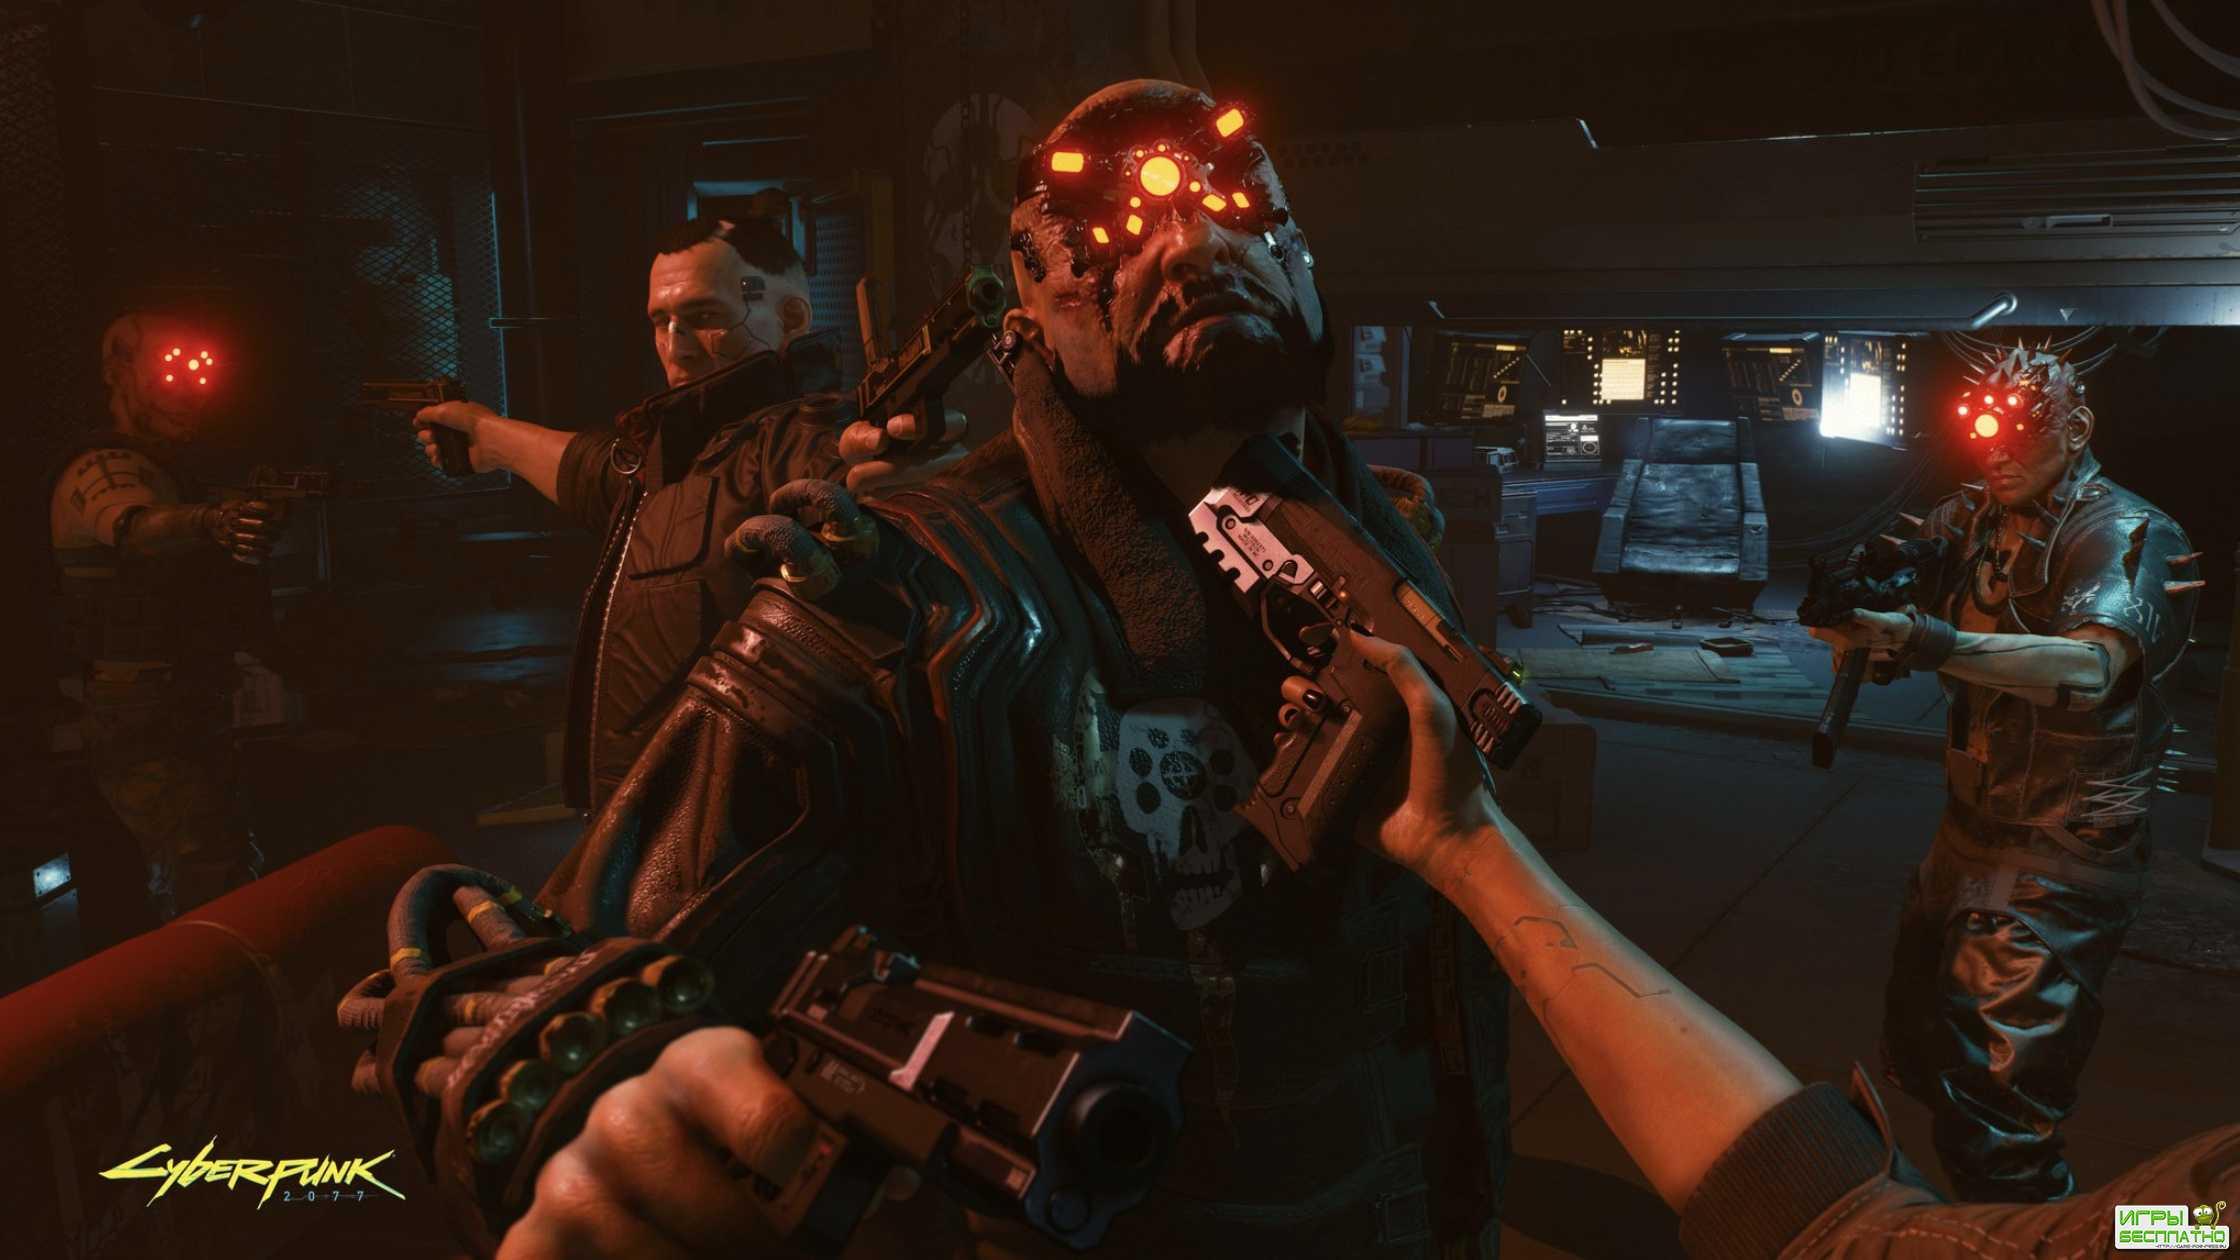 Озвучка Cyberpunk 2077 будет огромной